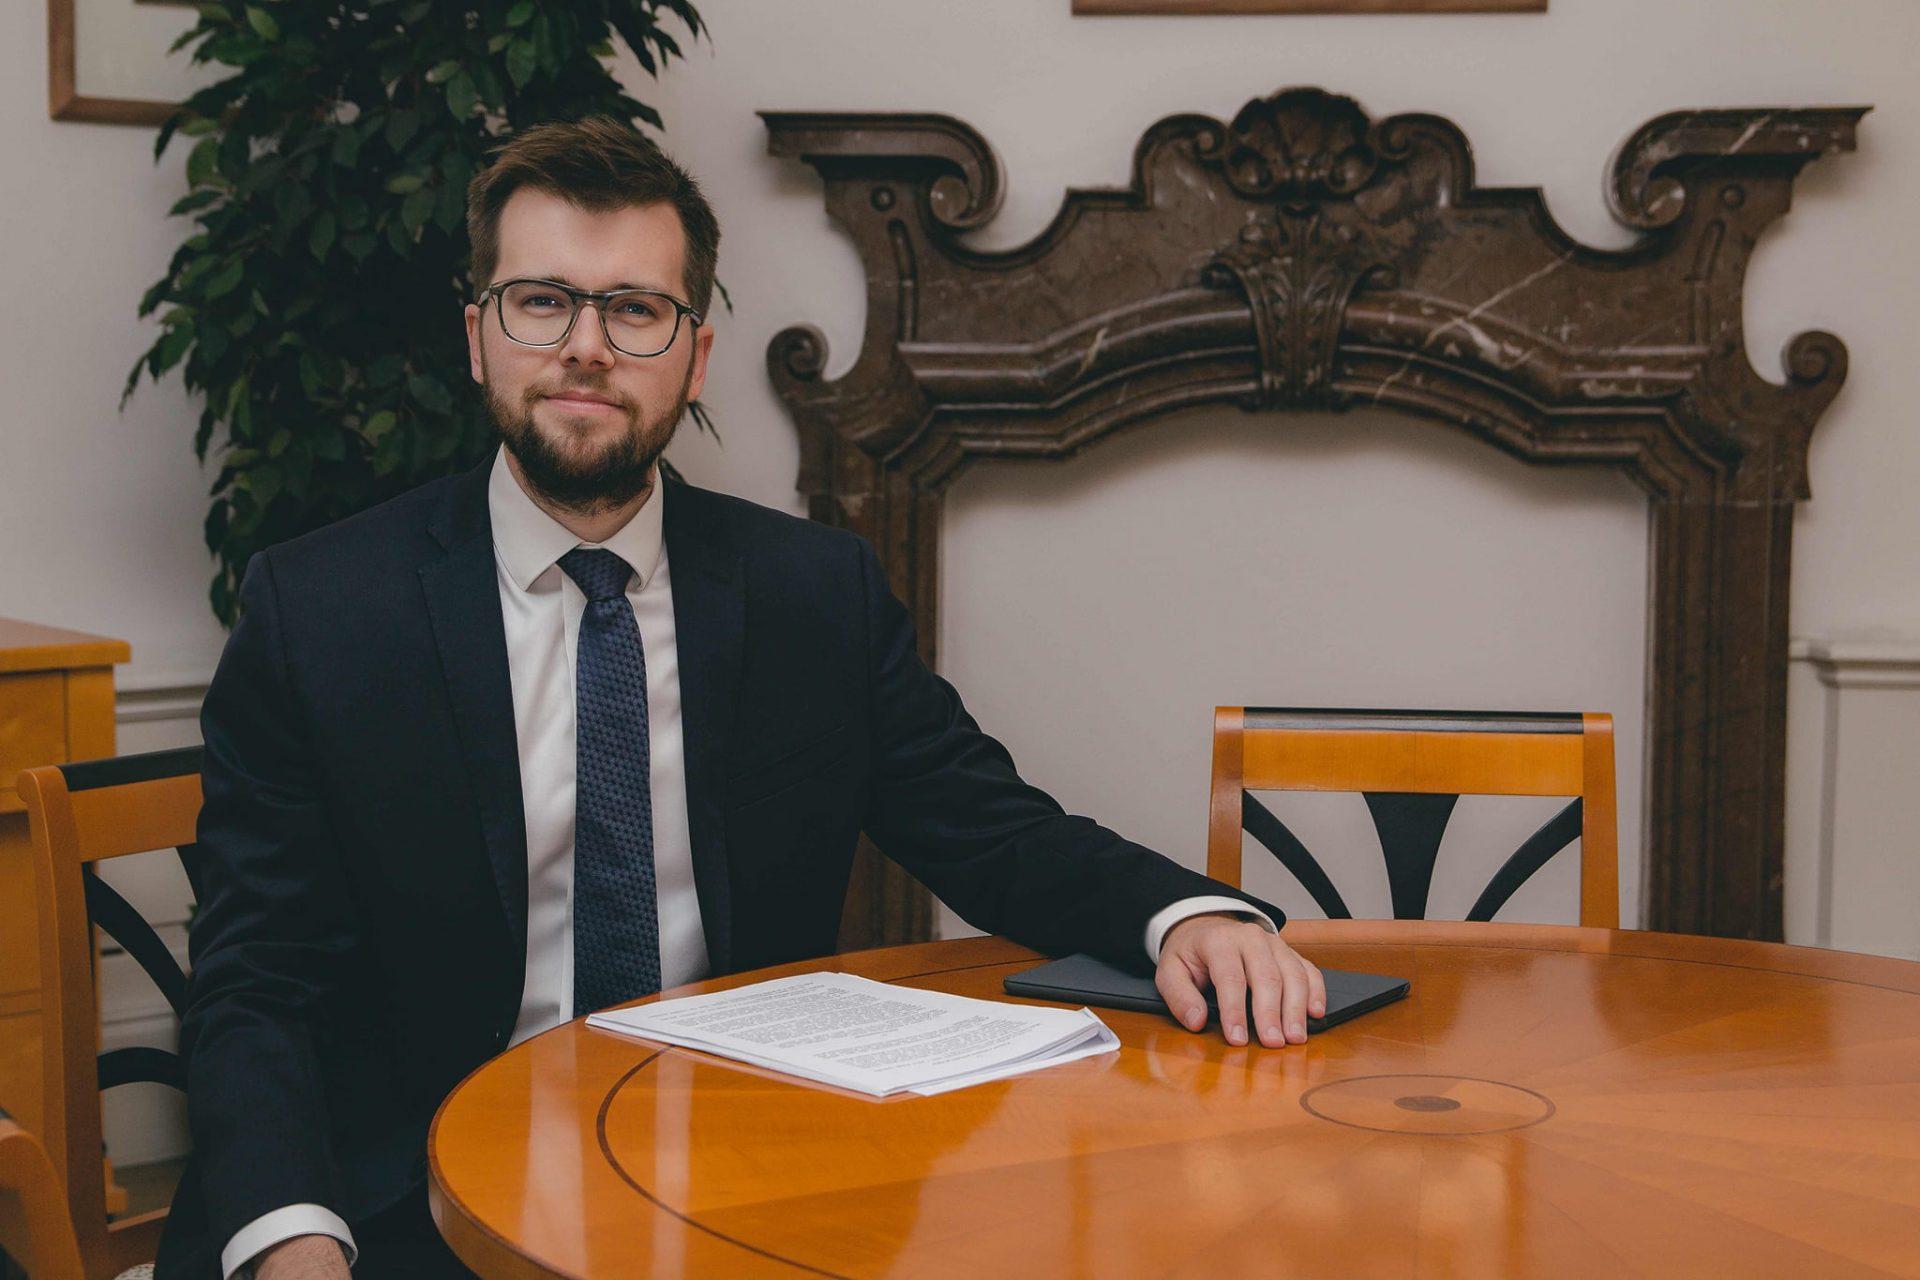 Jakub Michálek (FB Jakub Michálek)